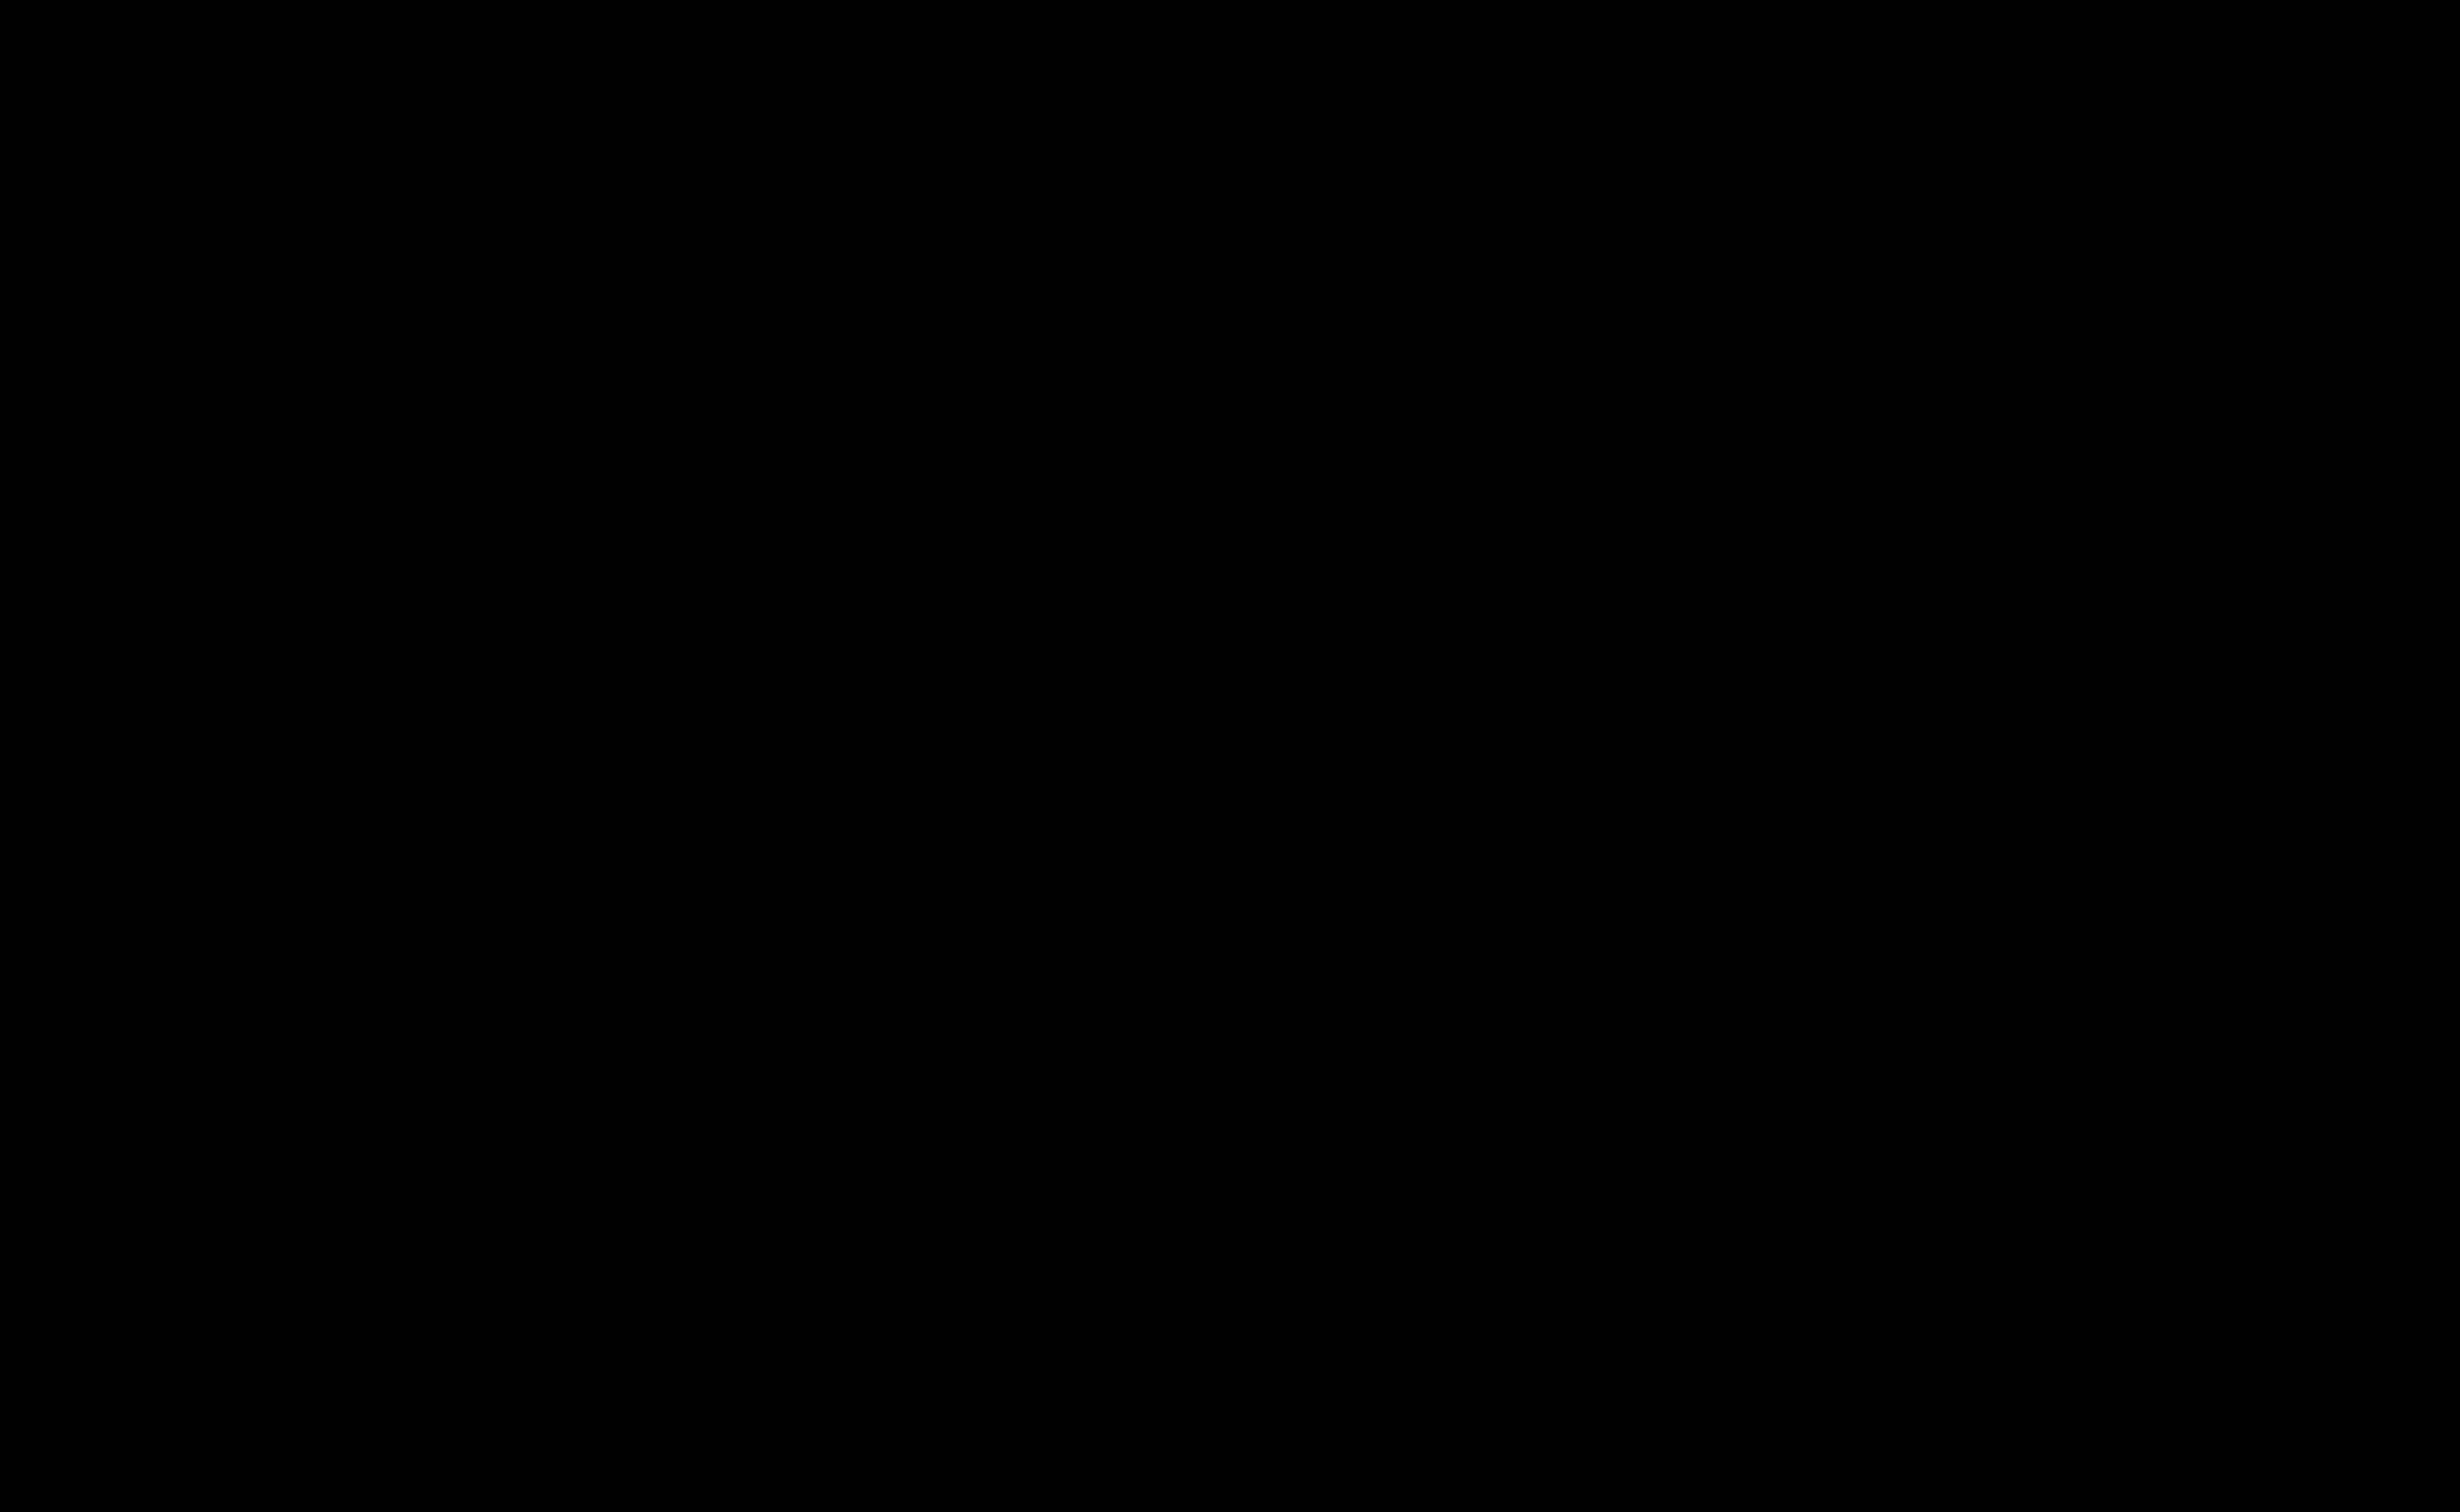 miscellanious doodles